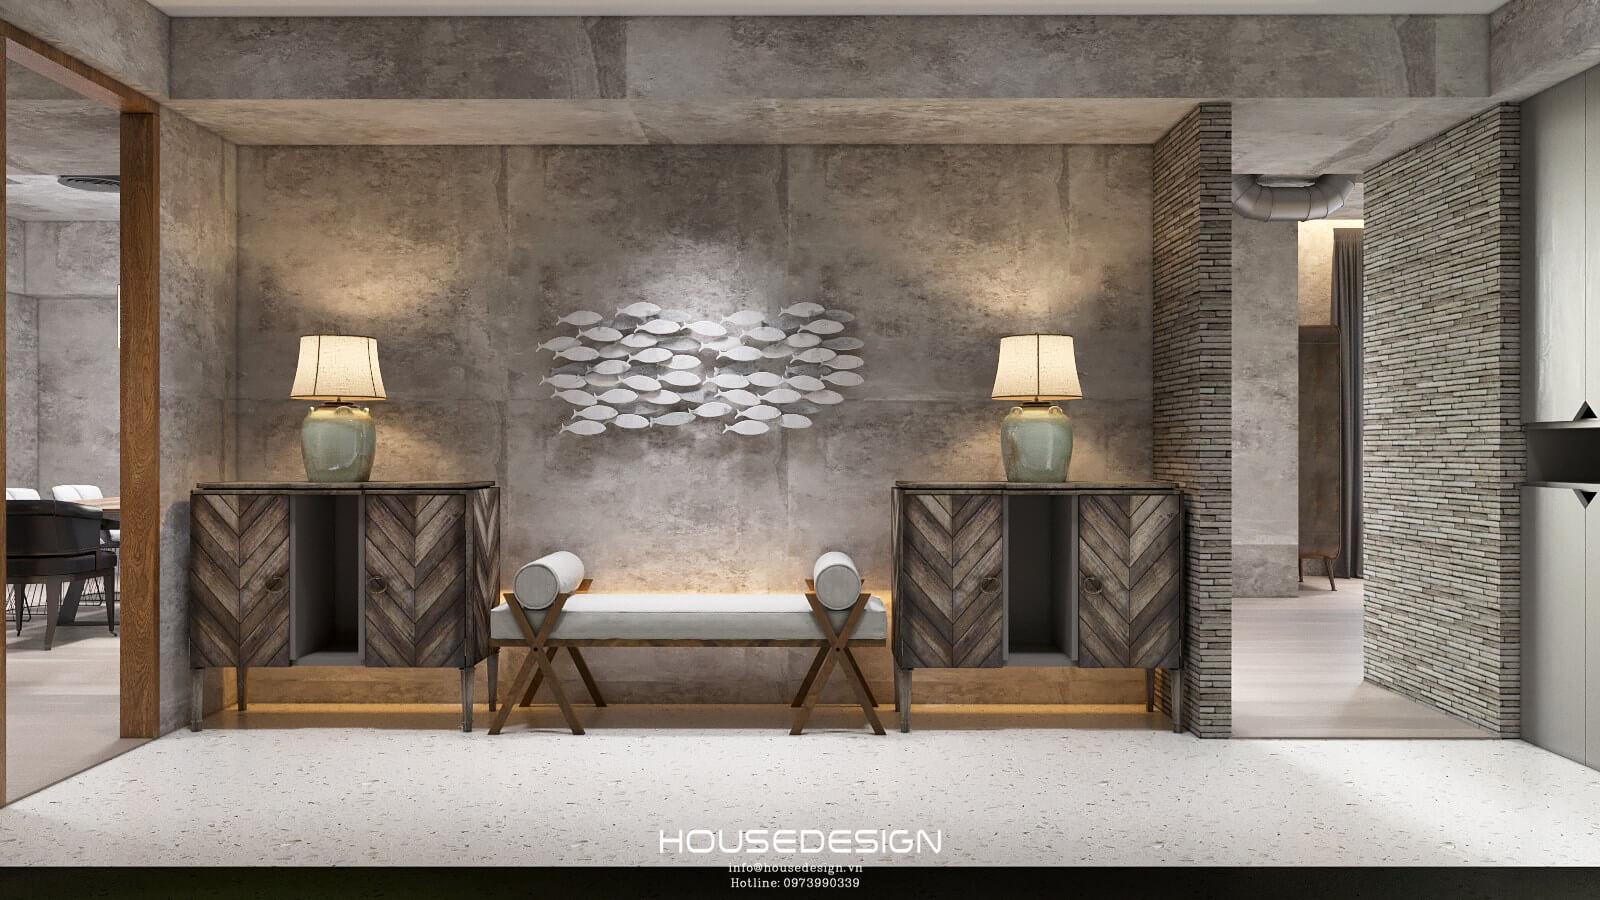 cập nhật các phong cách thiết kế nội thất hiện đại